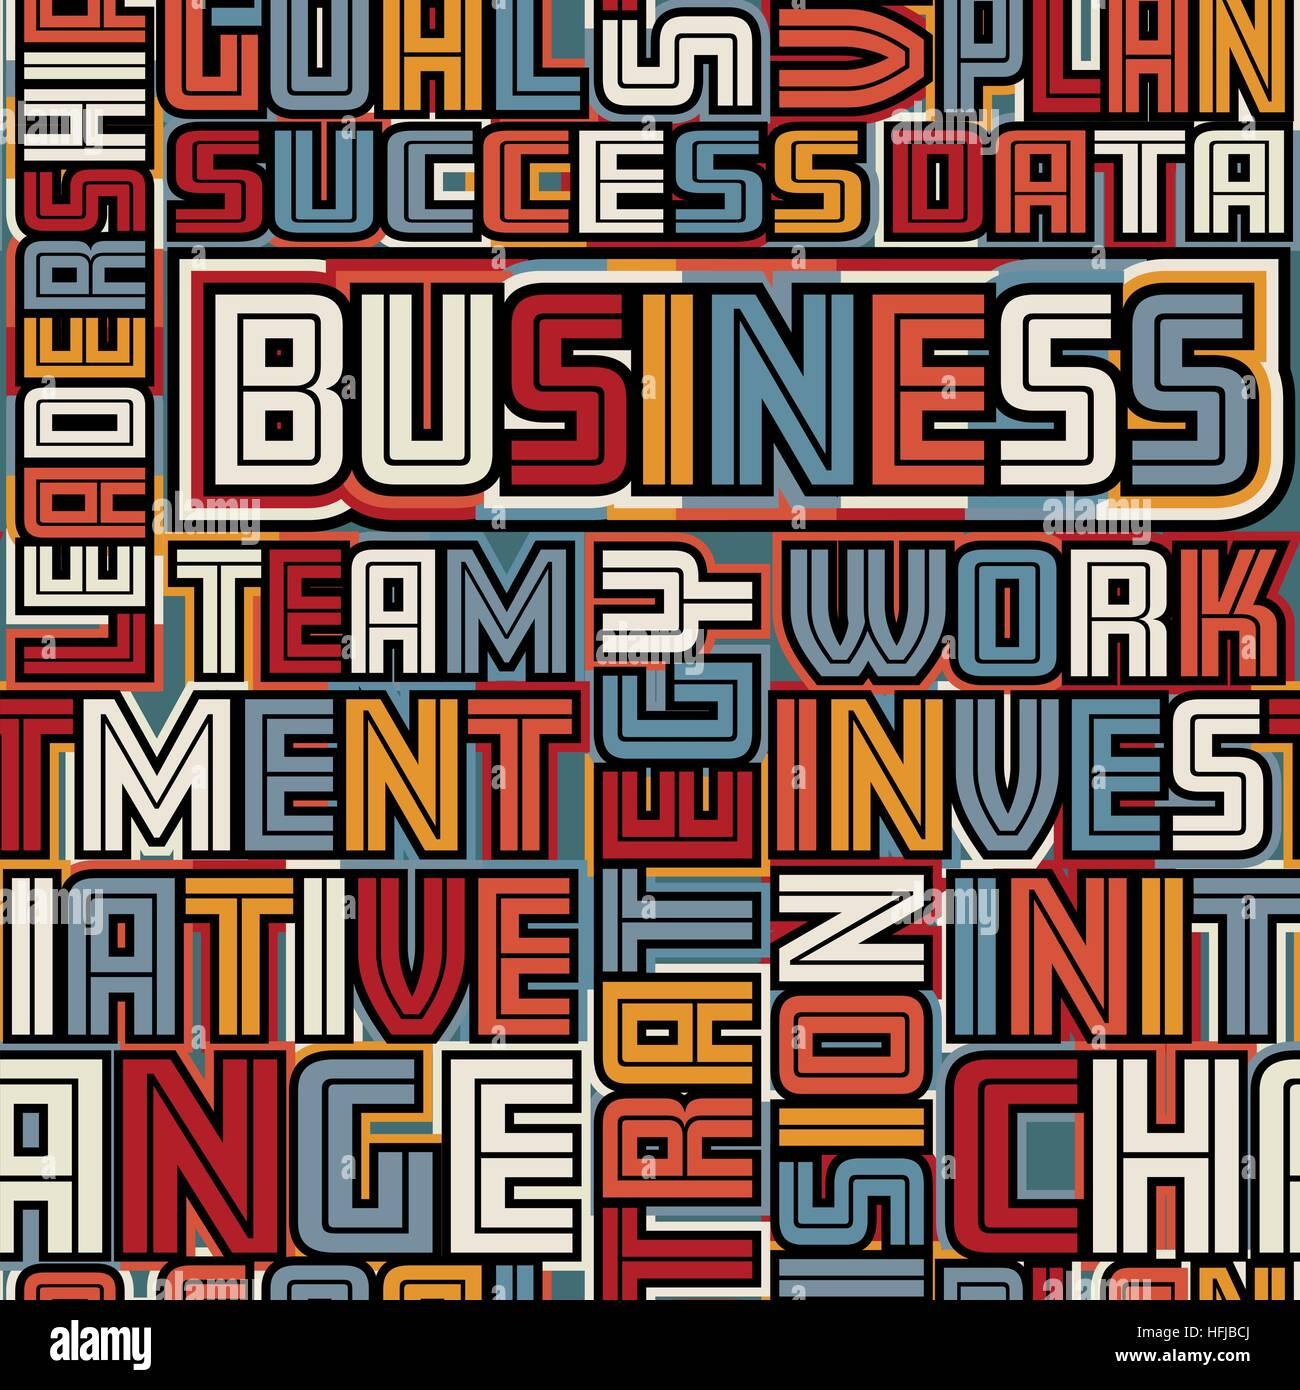 Vettore colorate piastrelle senza soluzione di continuità di business parole Immagini Stock